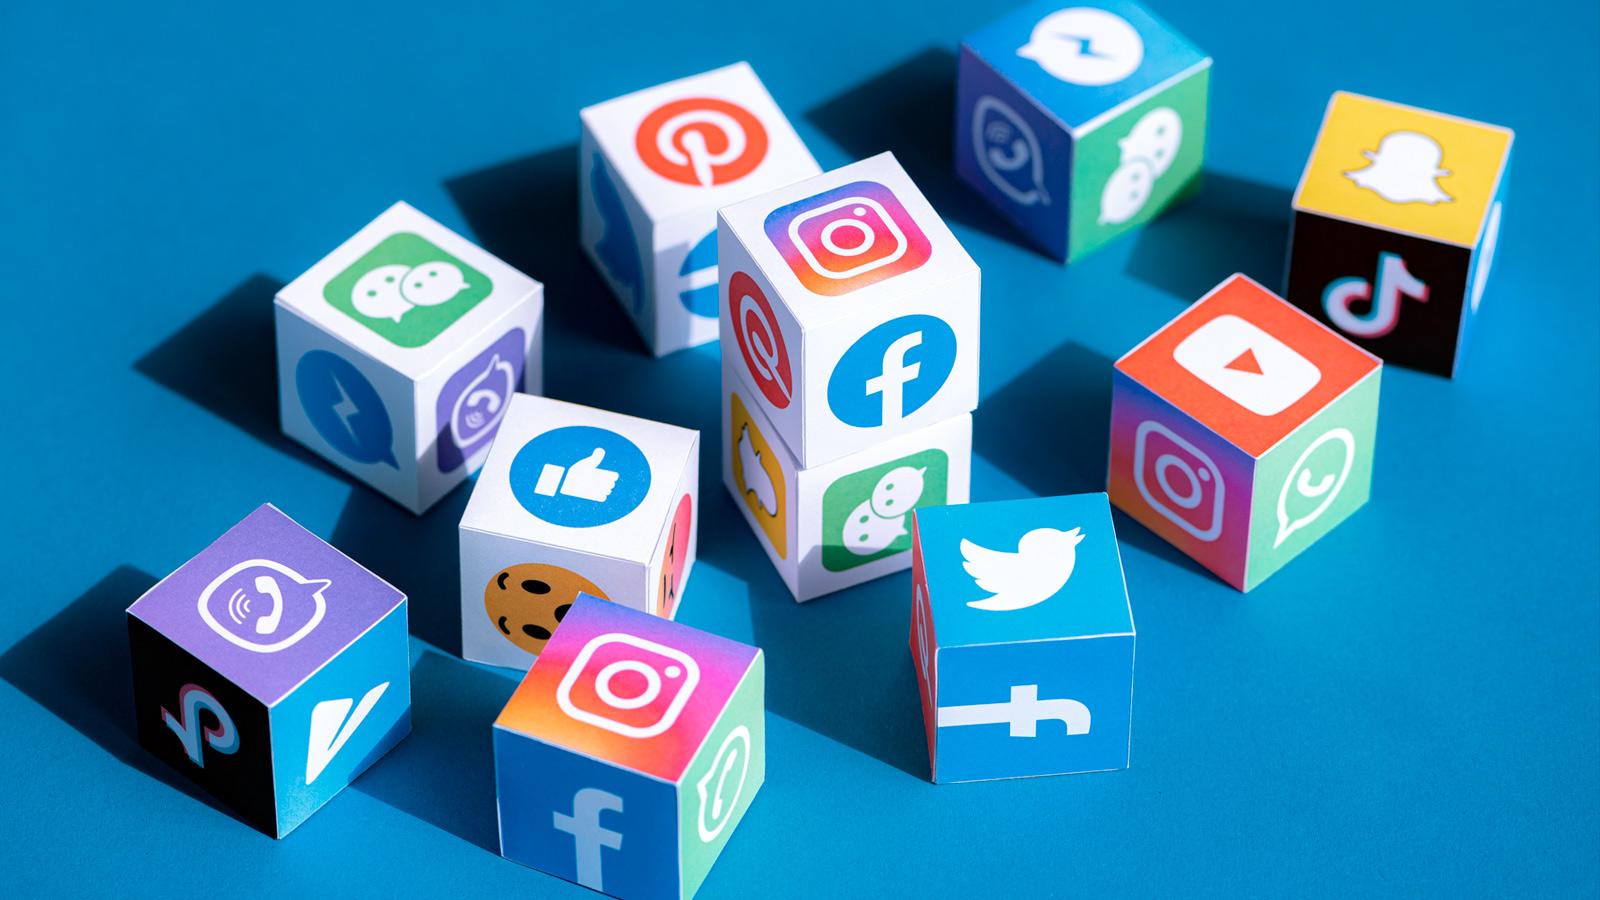 Apptopia şirketi tarafından 2020 yılının en fazla indirilmiş olan uygulamaları açıklandı. Şirket tarafından paylaşılan verilere göre, 2020 yılının en fazla indirilen sosyal medya uygulaması TikTok oldu.  Yıl sonuna yaklaşırken artık 2020… devamını gör •••